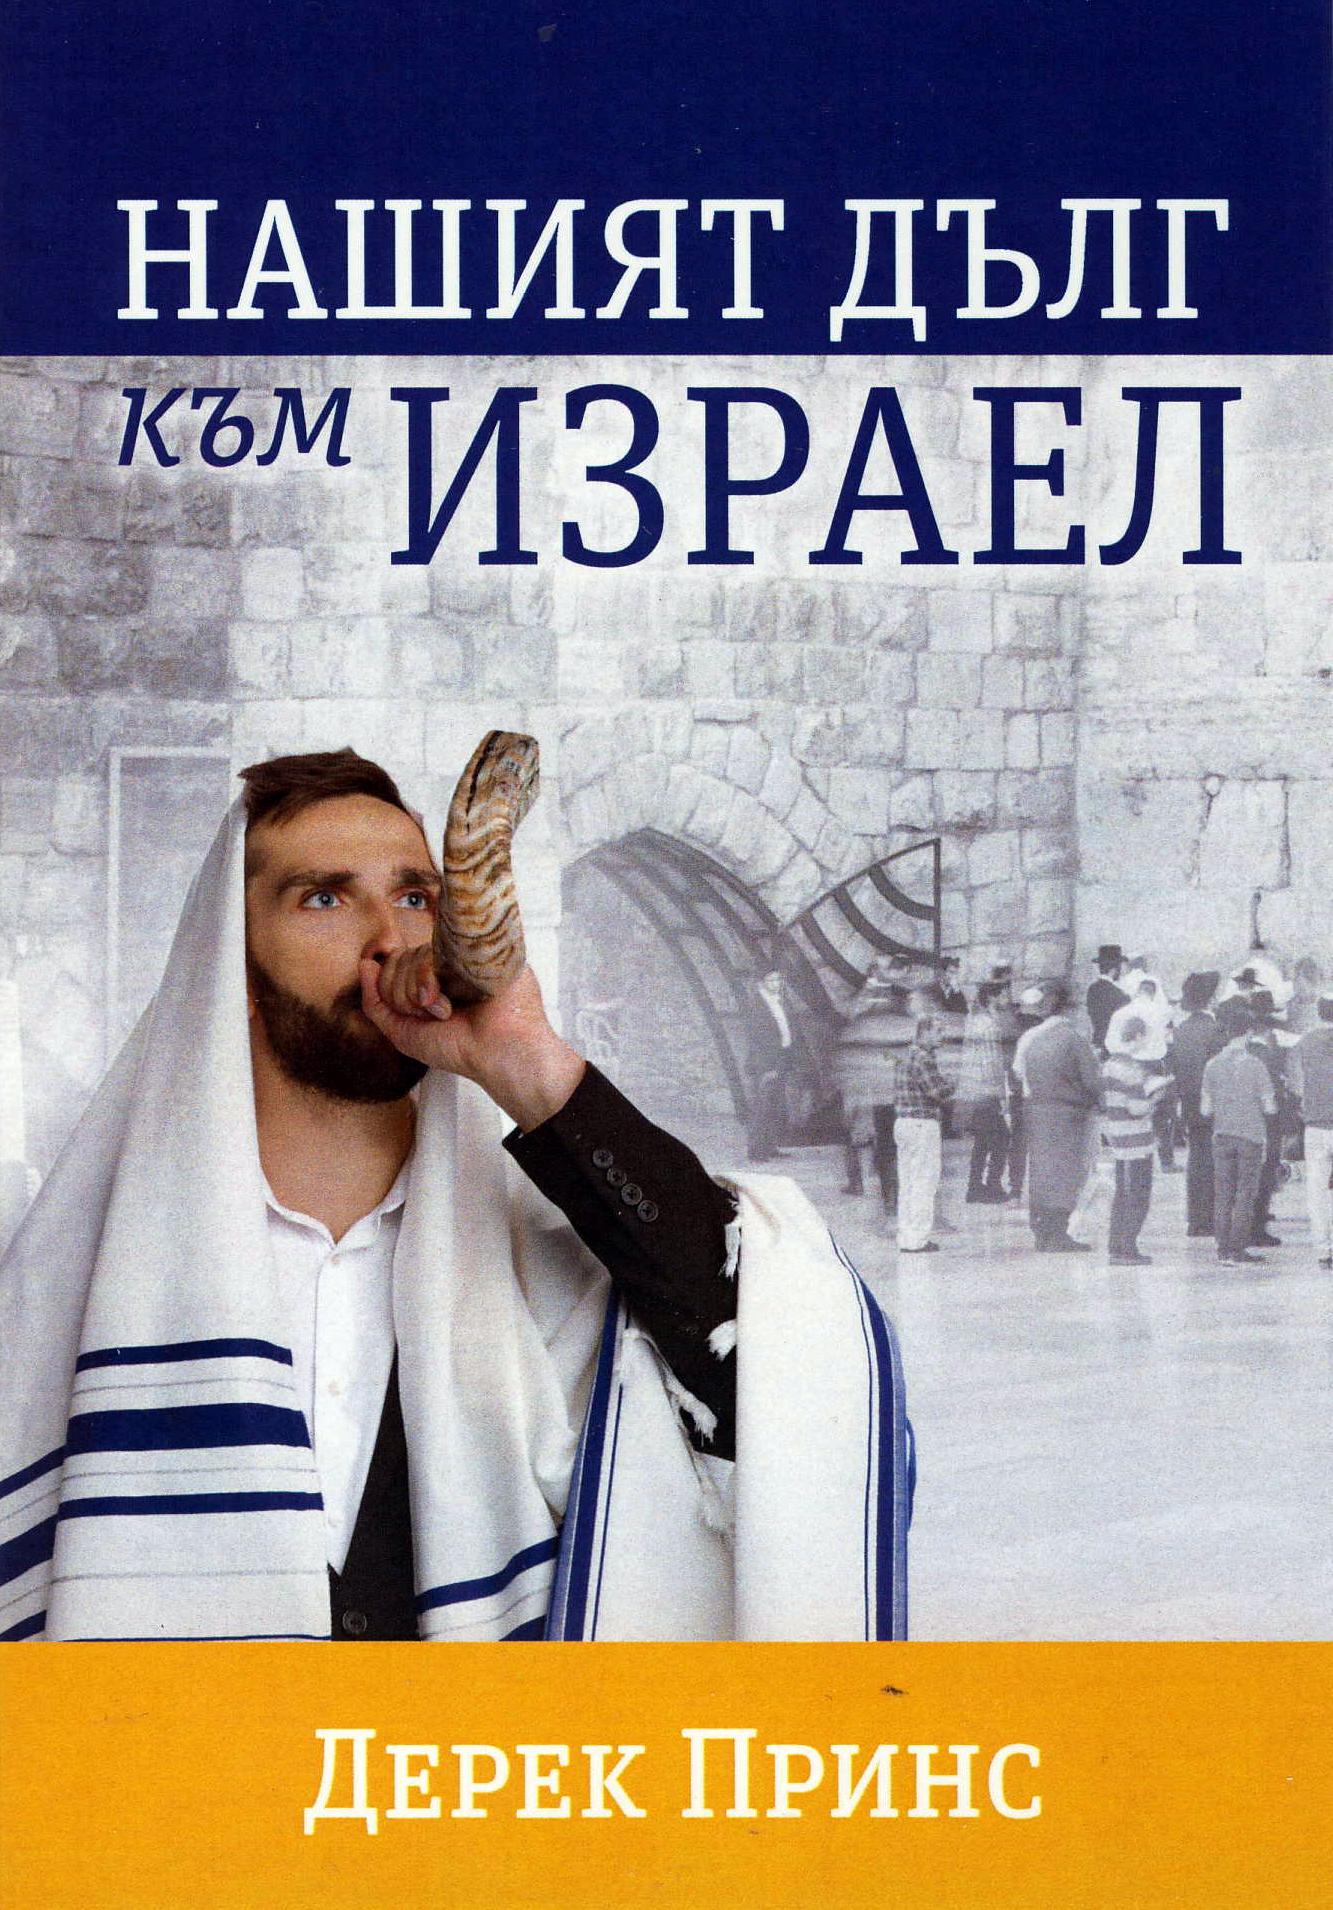 Нашият дълг към Израел